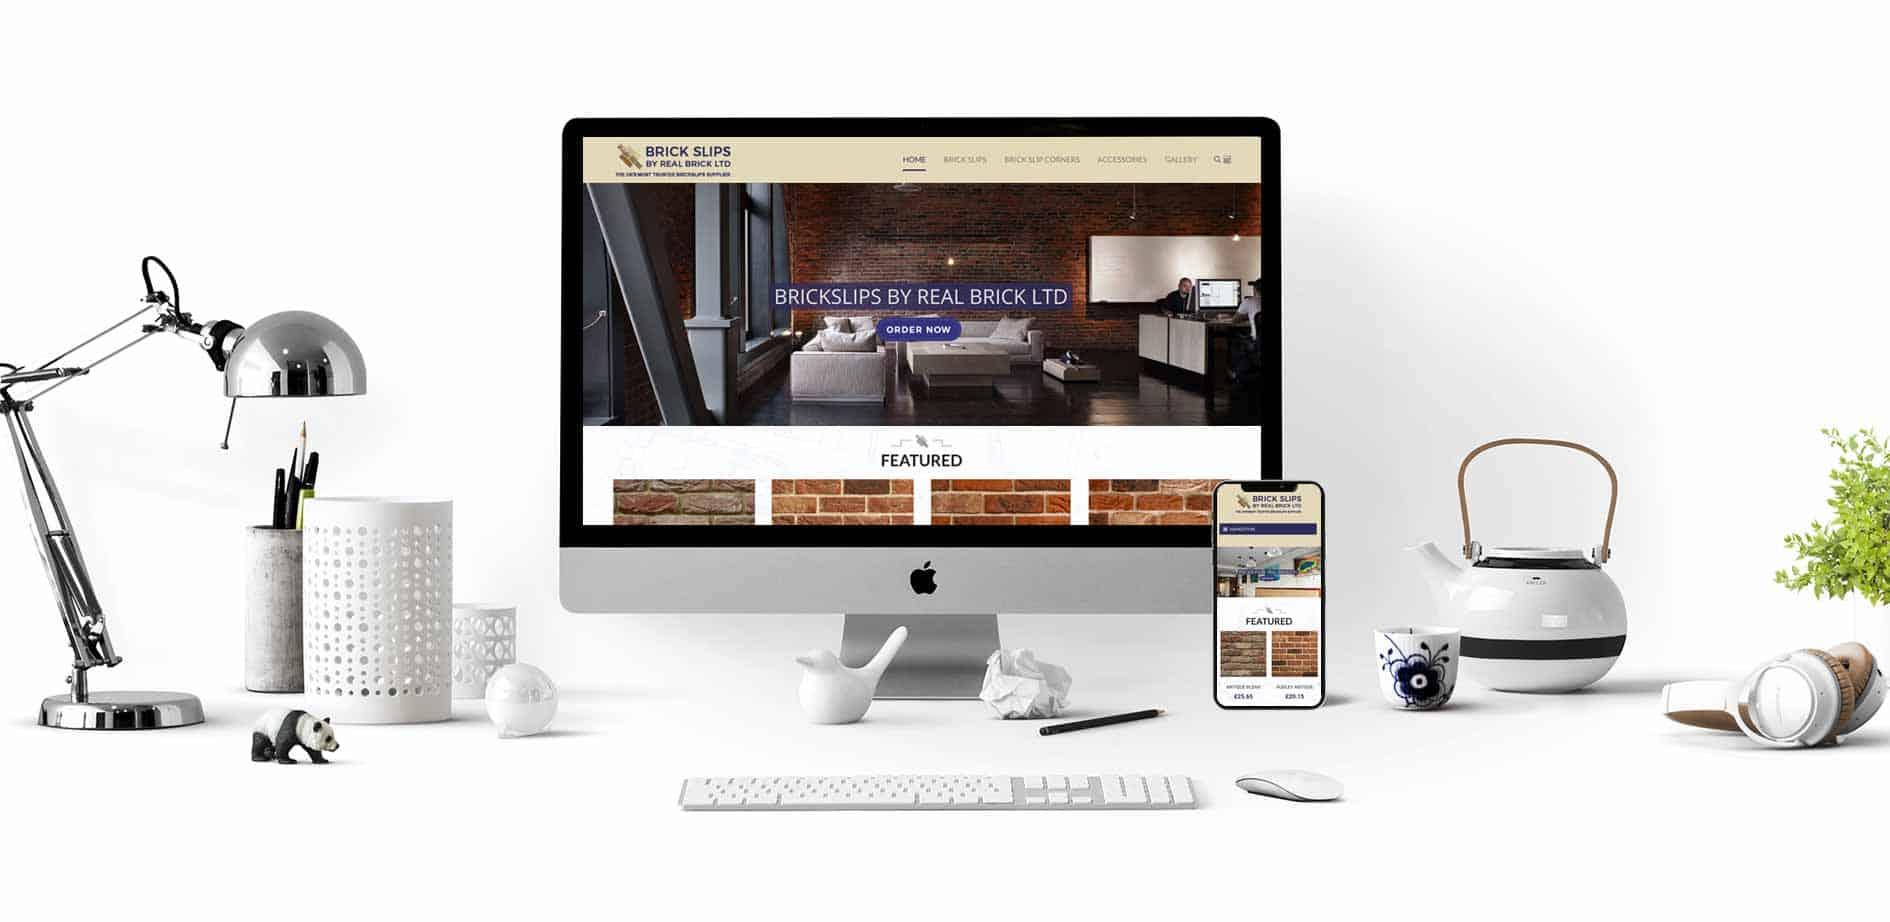 Brick Slips Website Design Desktop